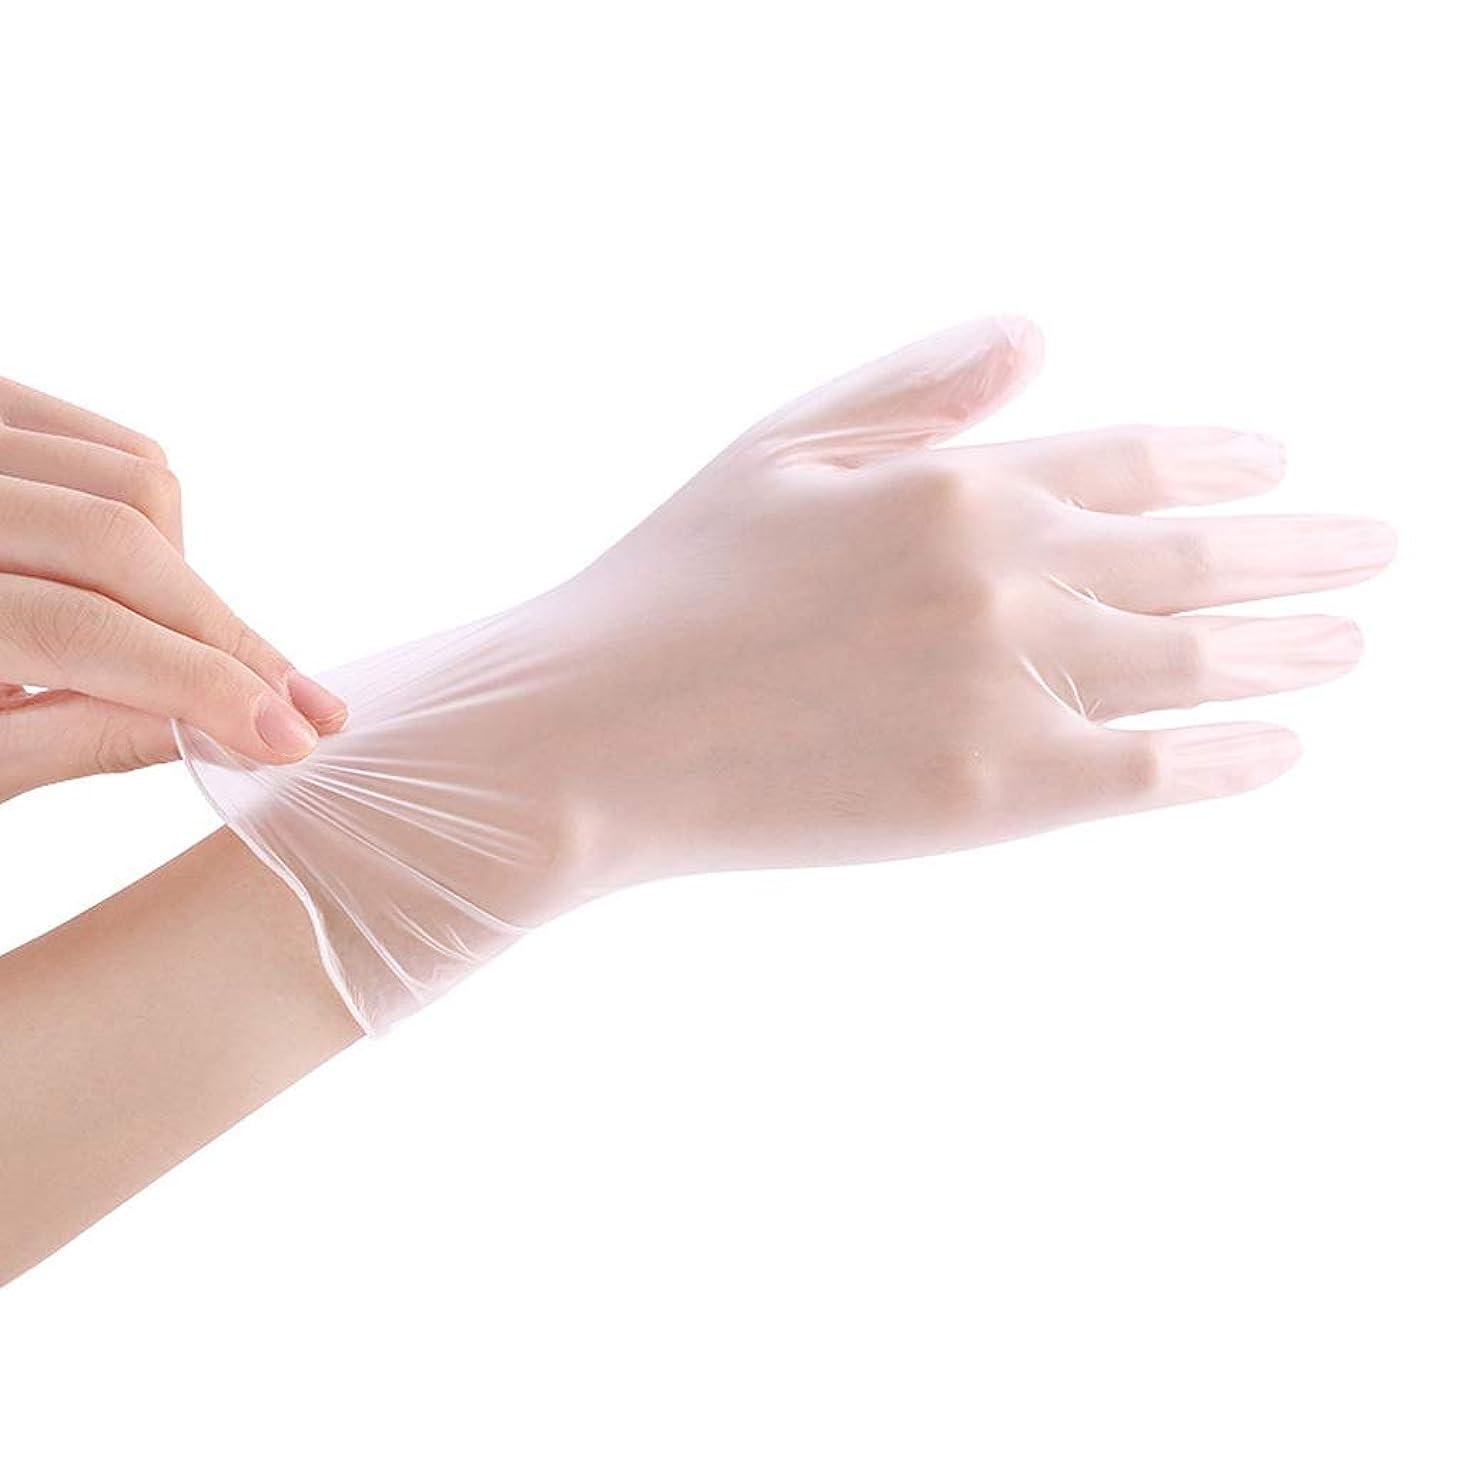 壮大な望ましい雇った使い捨て透明食品ケータリンググレードPVC手袋美容キッチンベーキングフィルム手袋200 YANW (色 : トランスペアレント, サイズ さいず : L l)